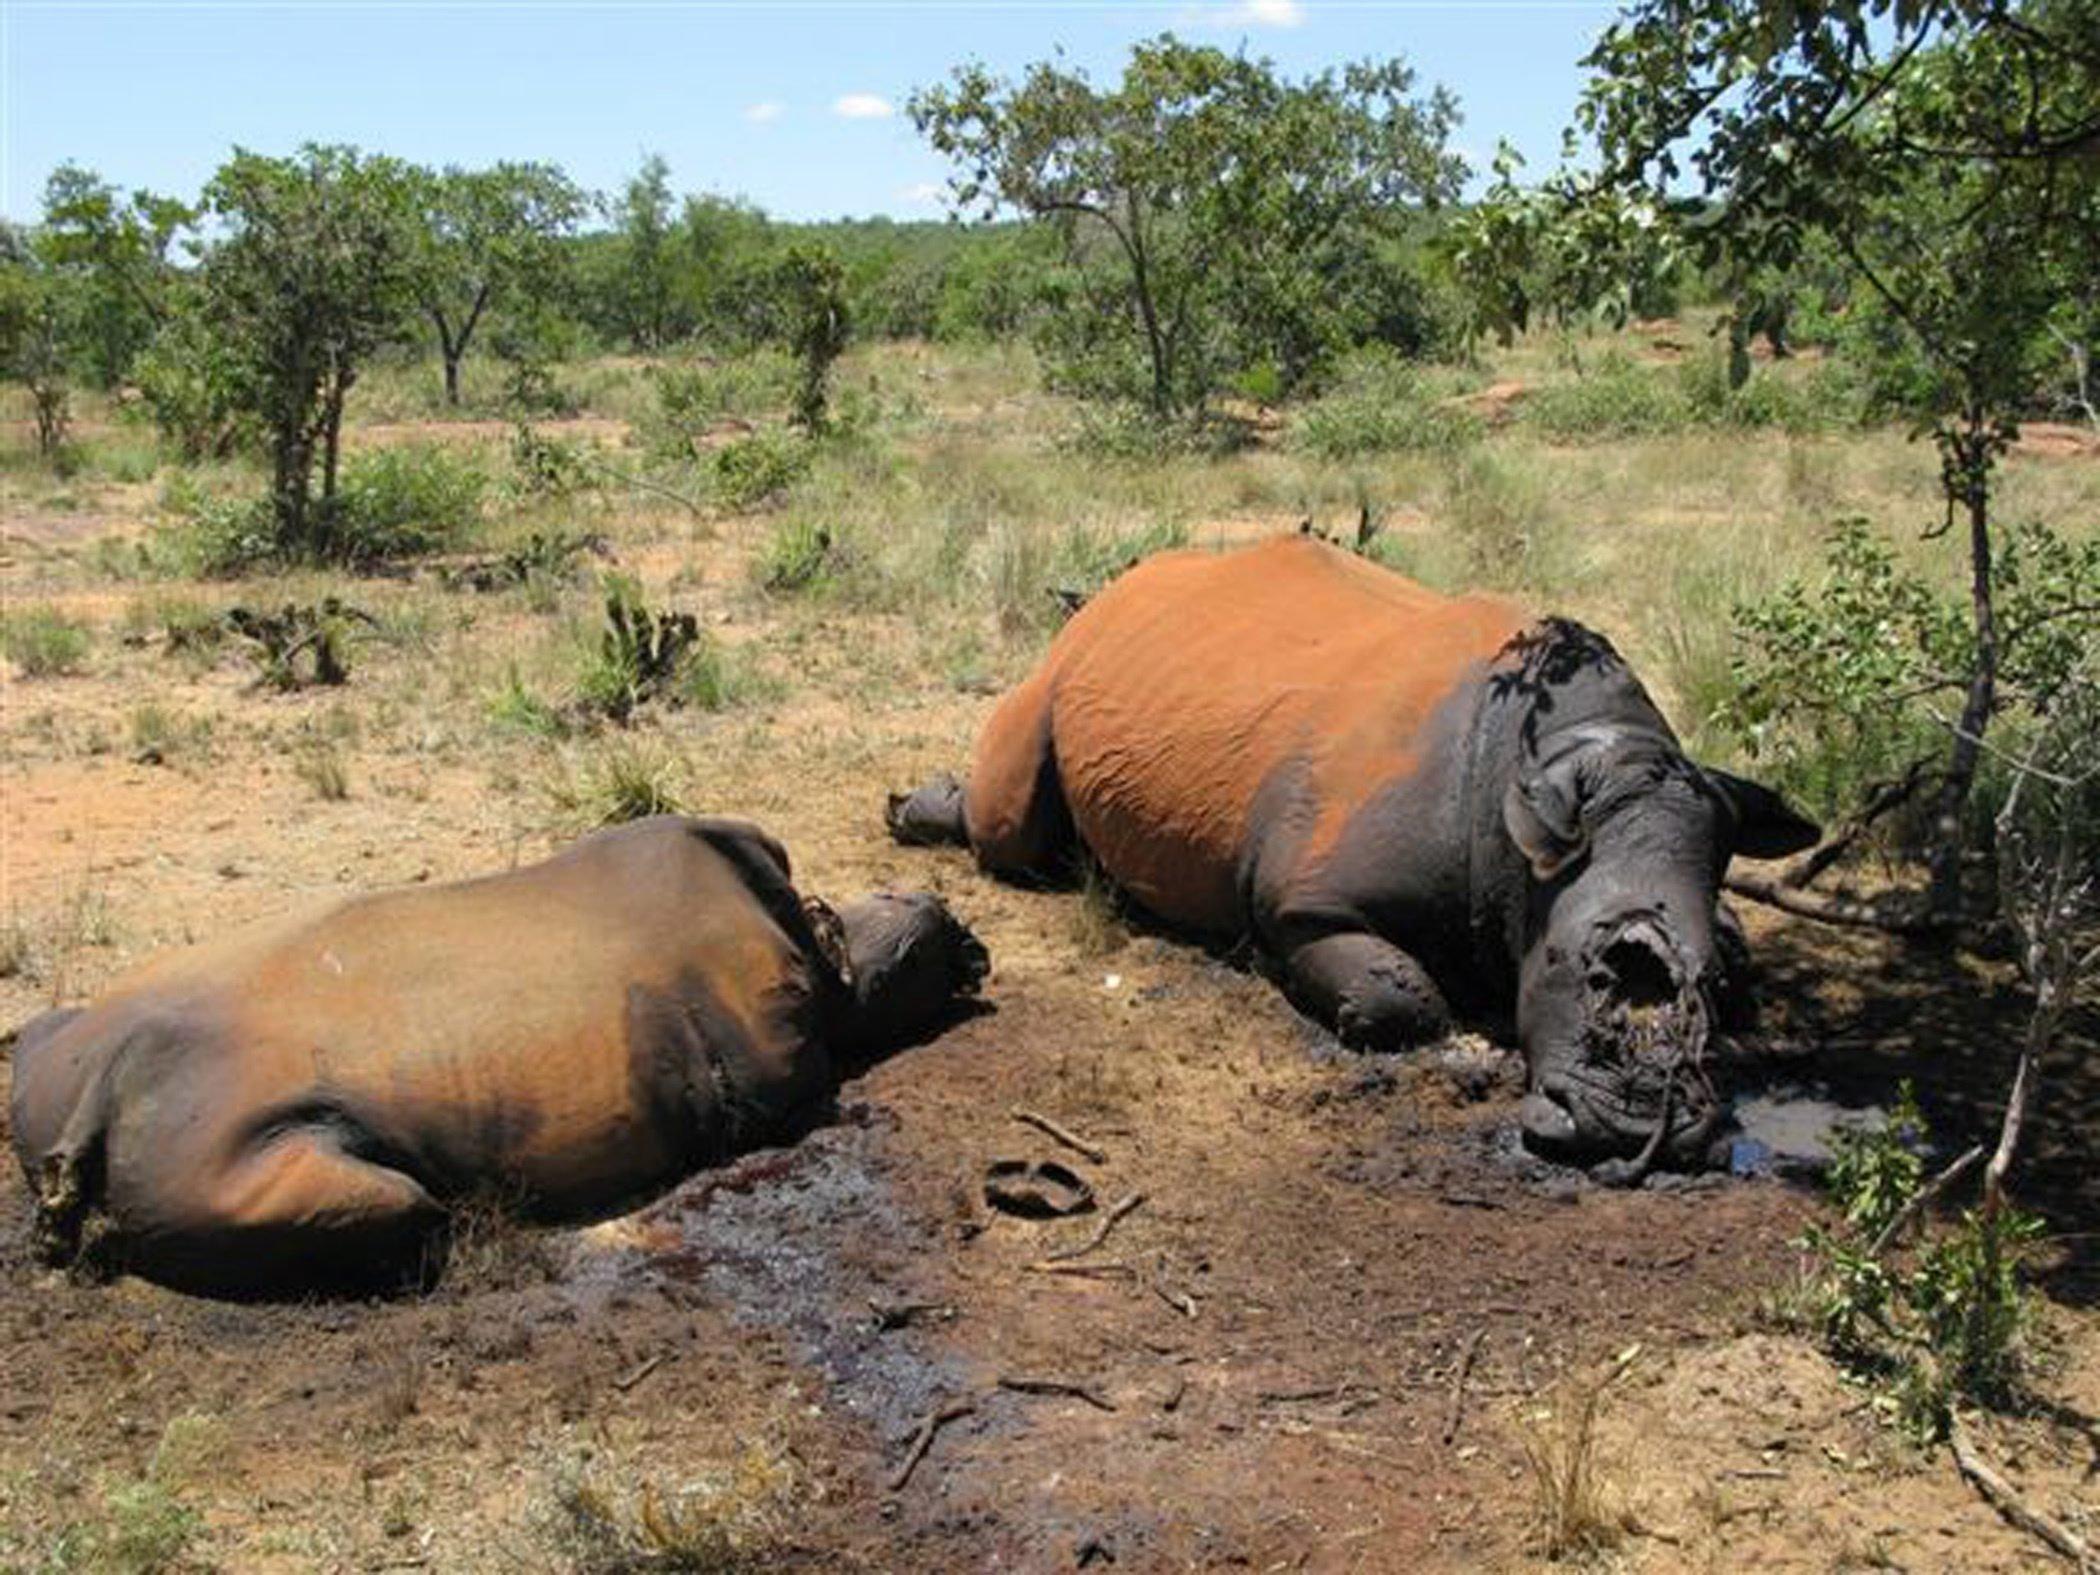 Von Wilderern getötete Nashörner liegen im Distrikt Waterberg (Südafrika) in der Savanne. Ein Pfund ihres Horns kostet auf dem Schwarzmarkt 30.000 US-Dollar. Das macht pro Tier 240.000 Dollar.